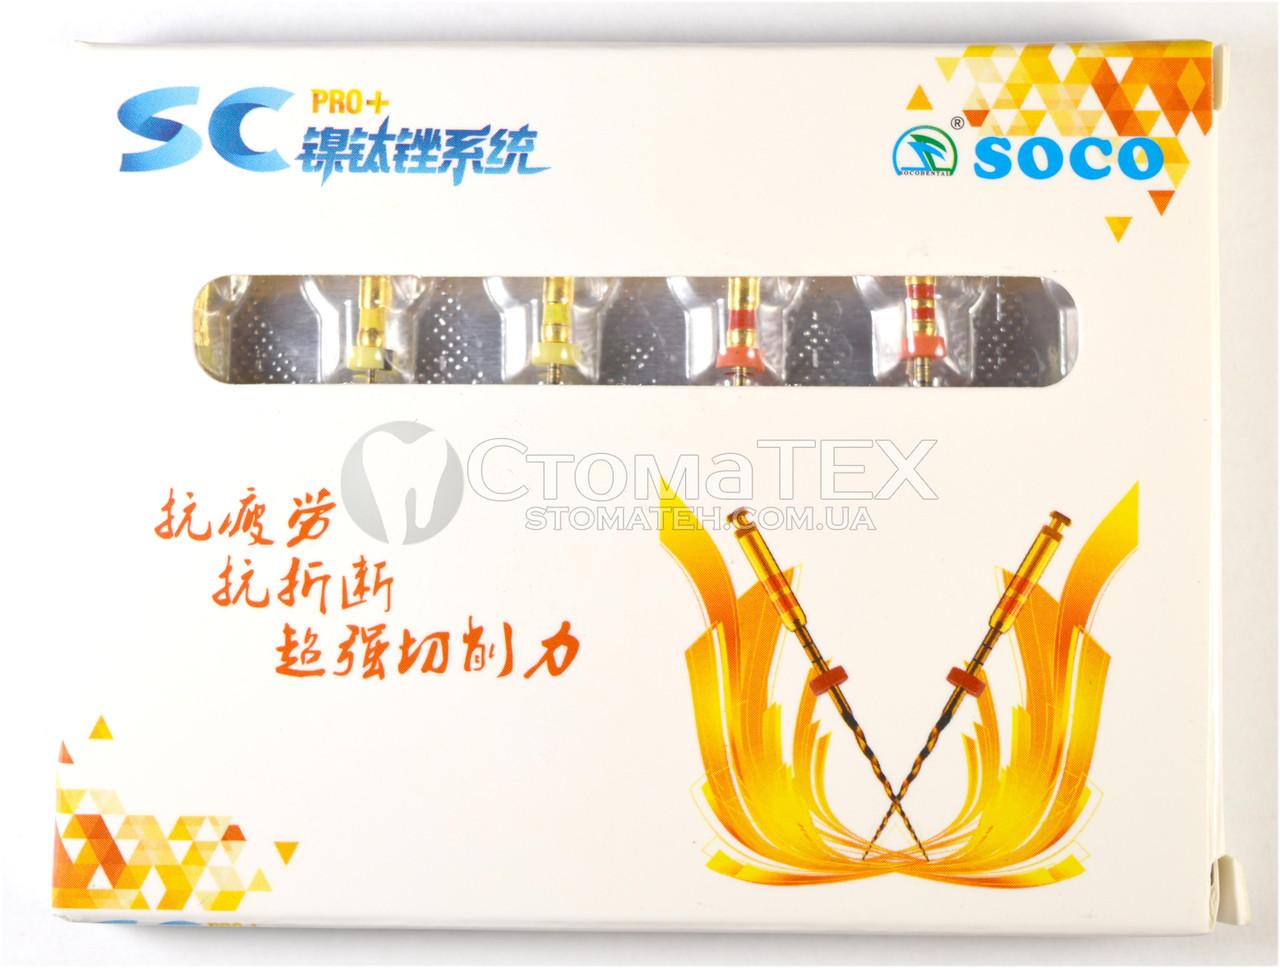 SC-Pro 25мм. 0425, 6шт.